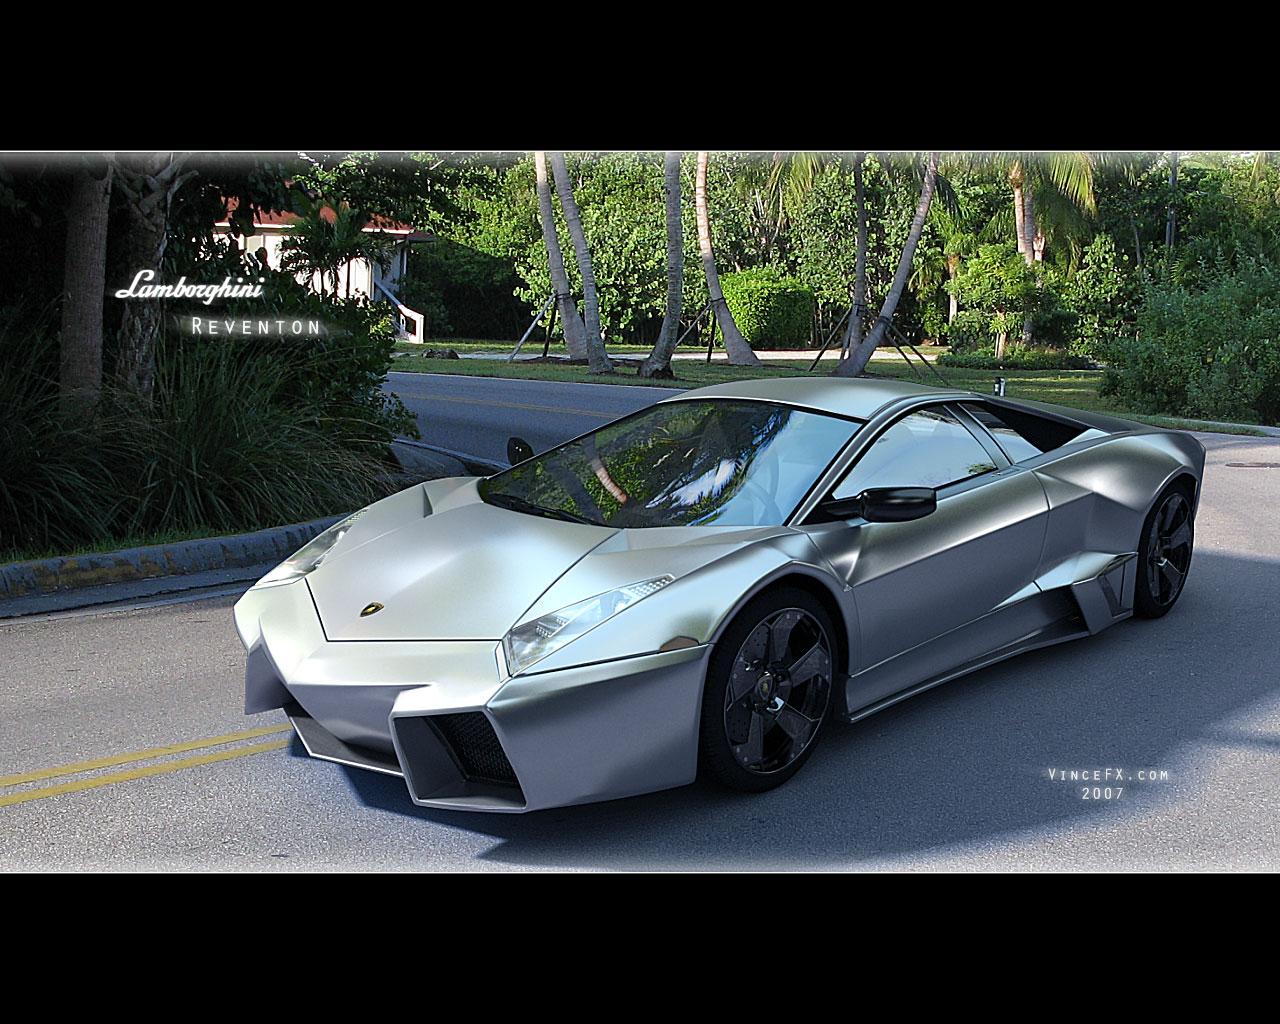 Auto Wallpapers Lamborghini